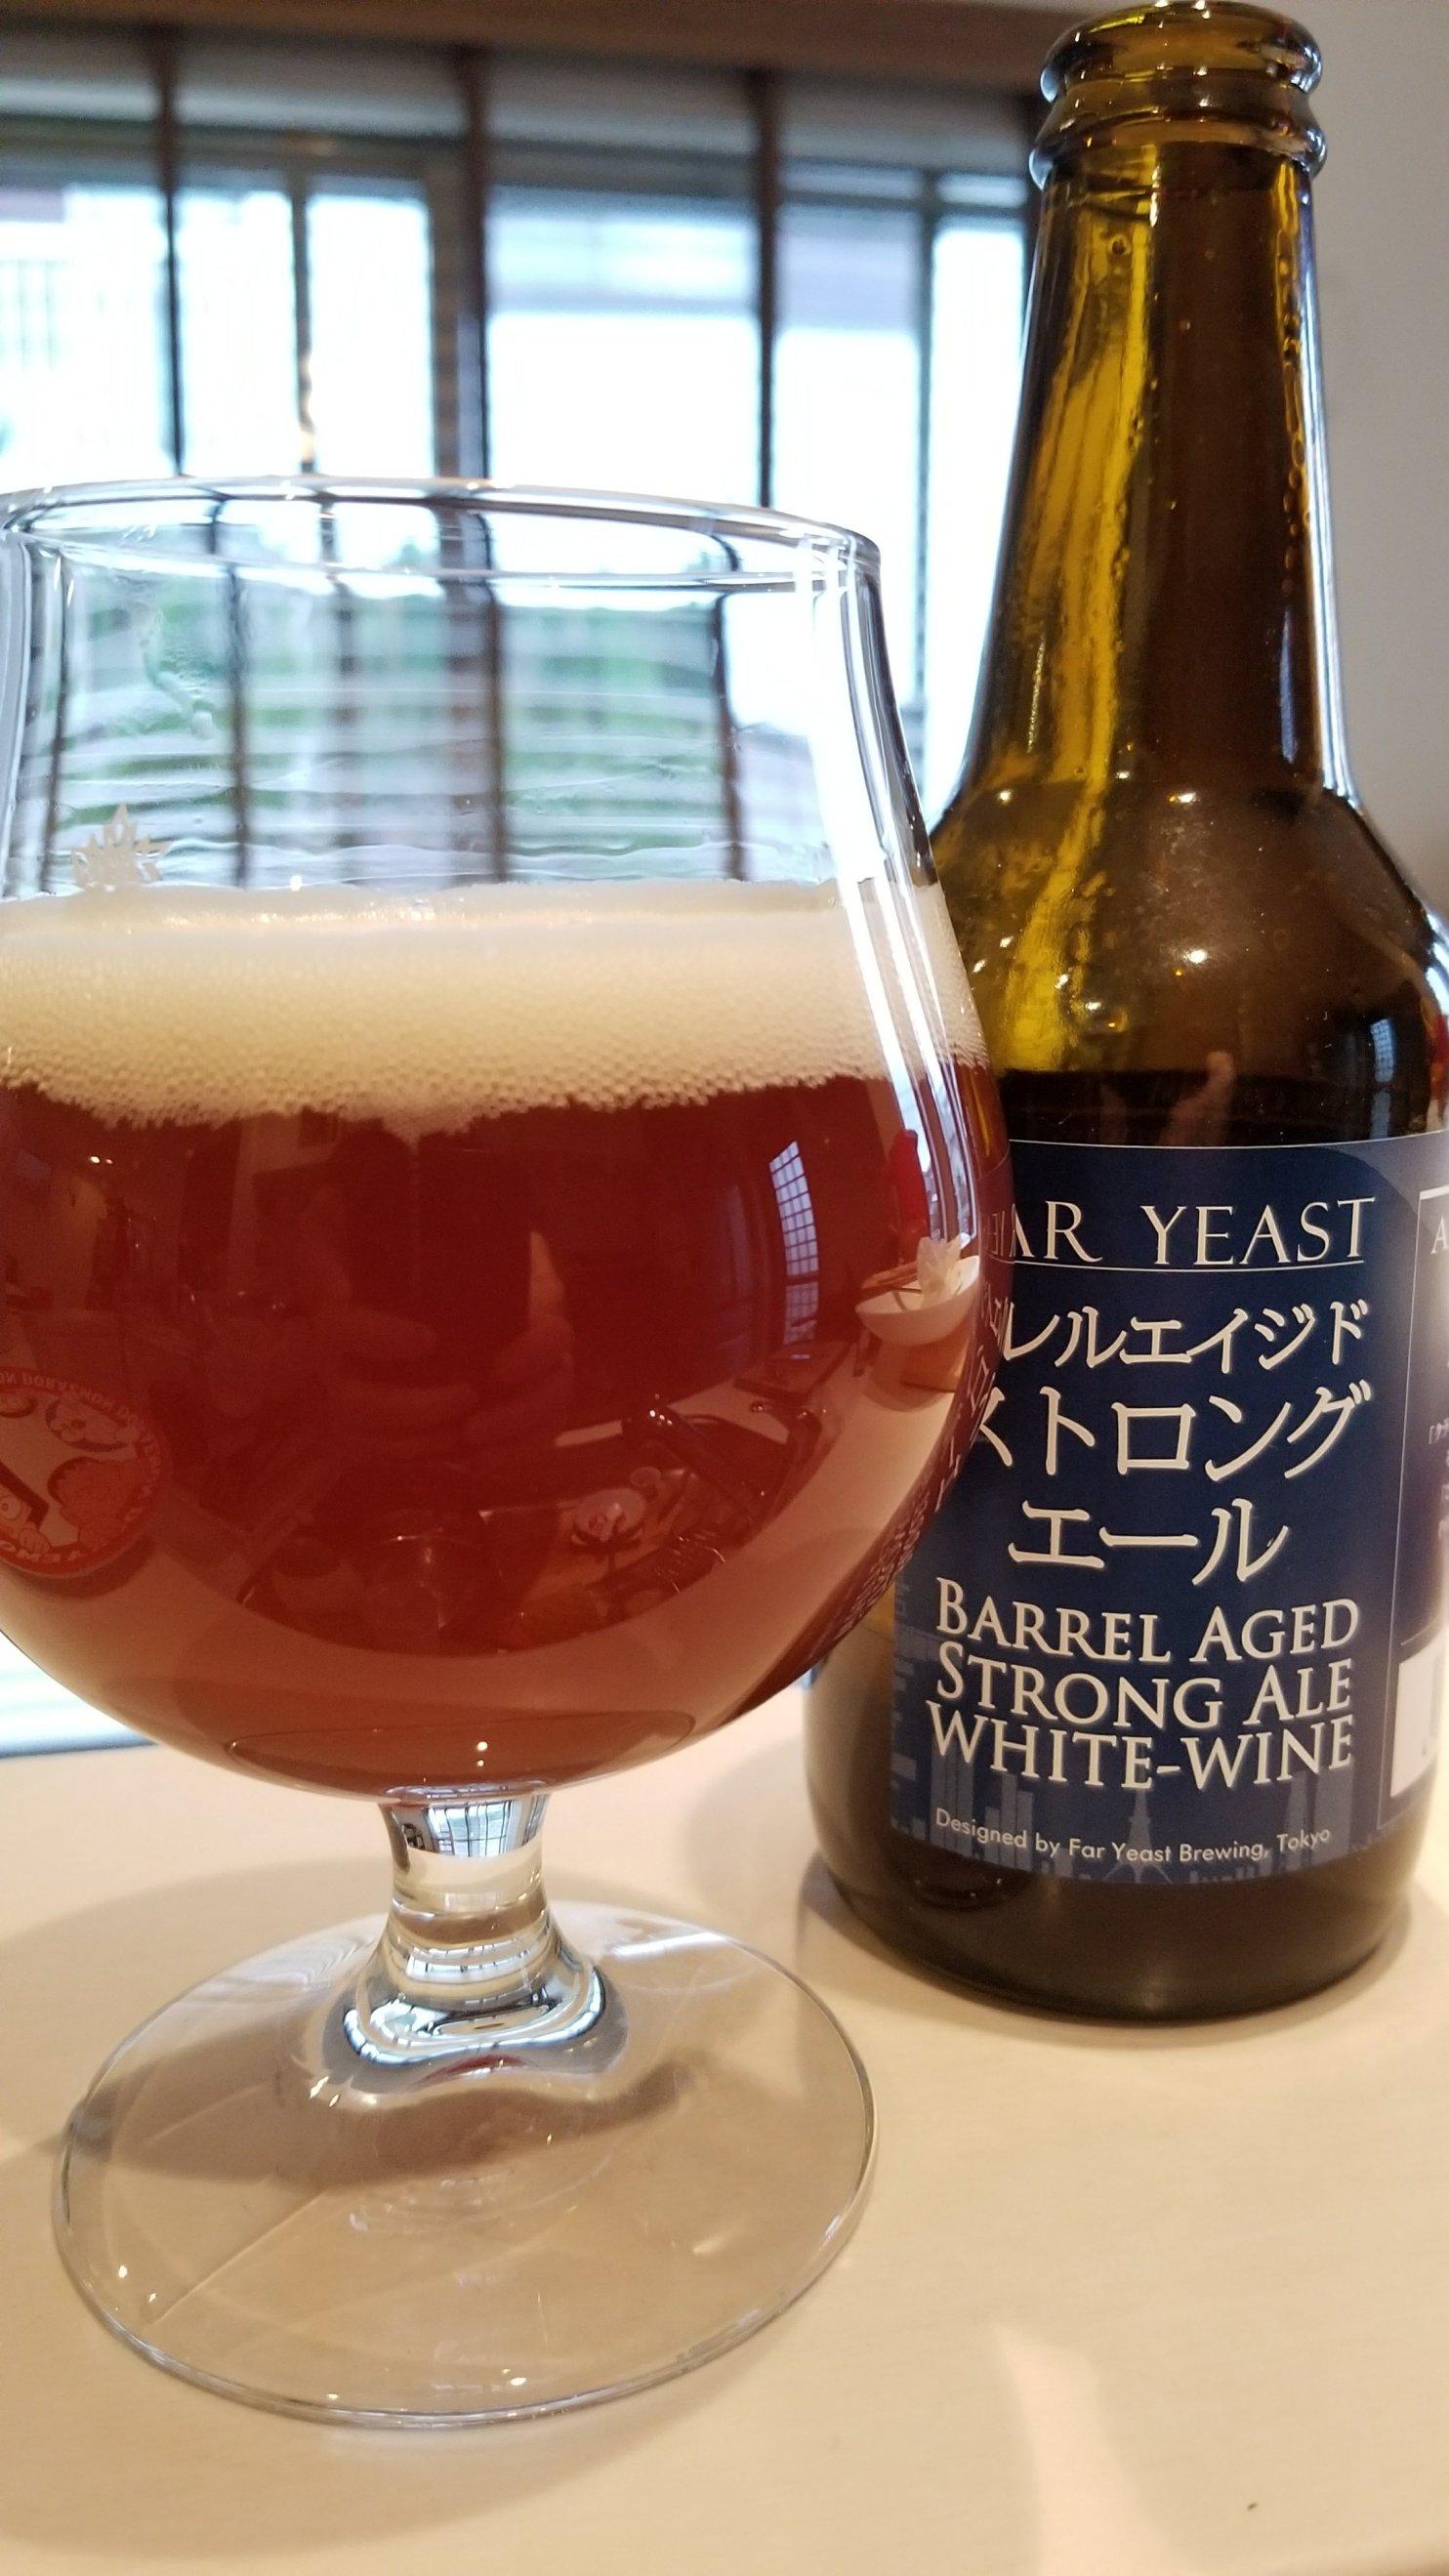 Far Yeast Barrel Aged Strong Ale White Wine ファーイースト バレルエイジド・ストロングエール ホワイトワイン